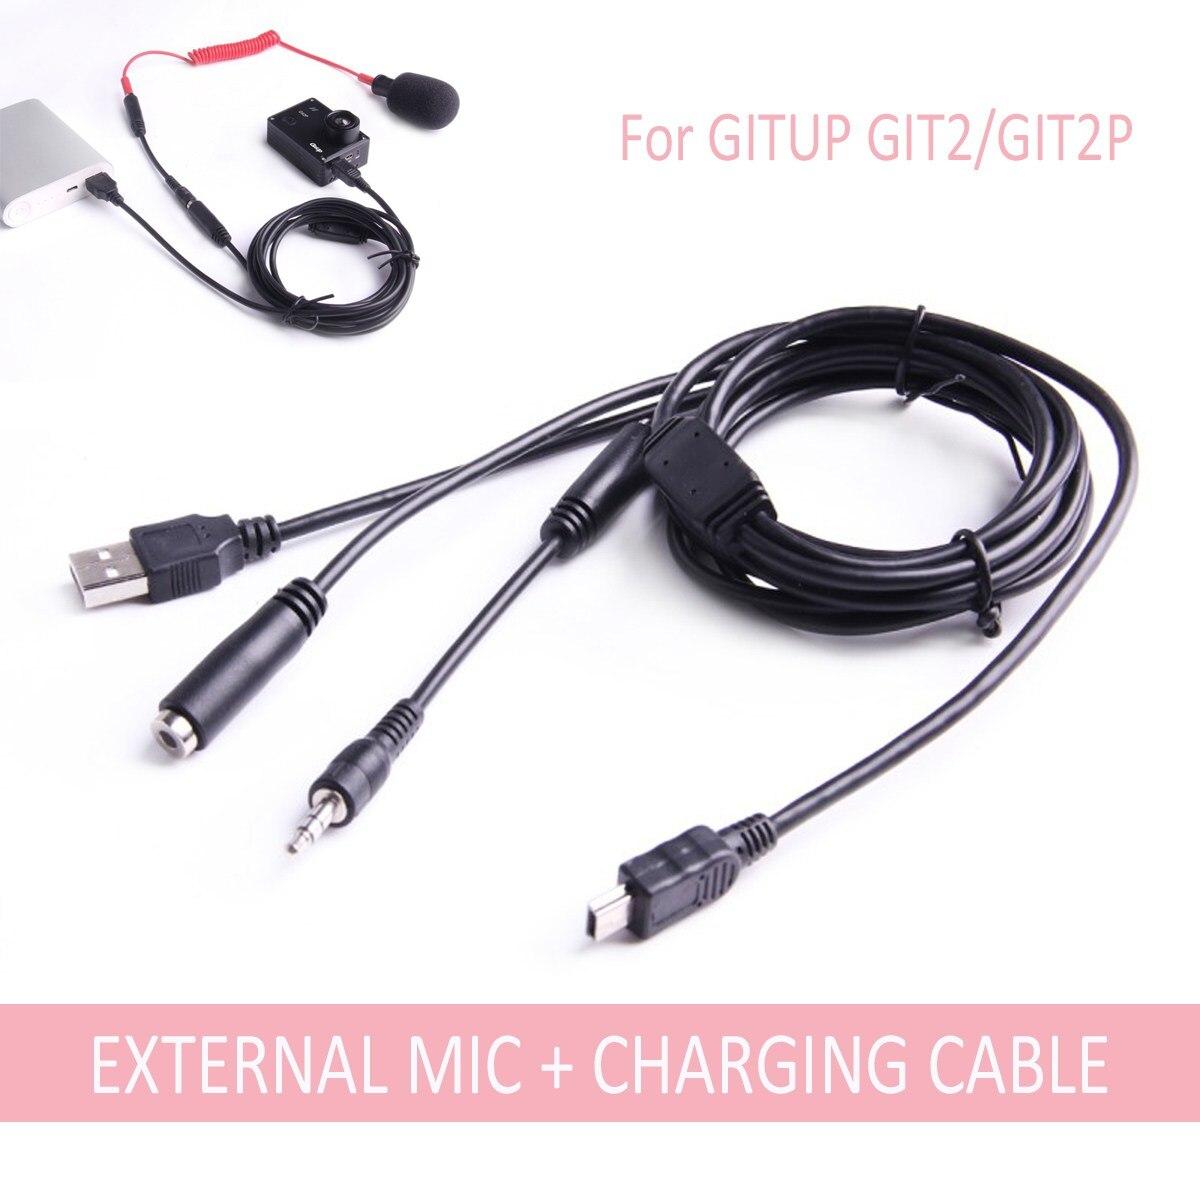 Mini USB 3.5mm micrófono externo y cable de carga para gitup GIT2/GIT2P 2 en 1 cable de carga